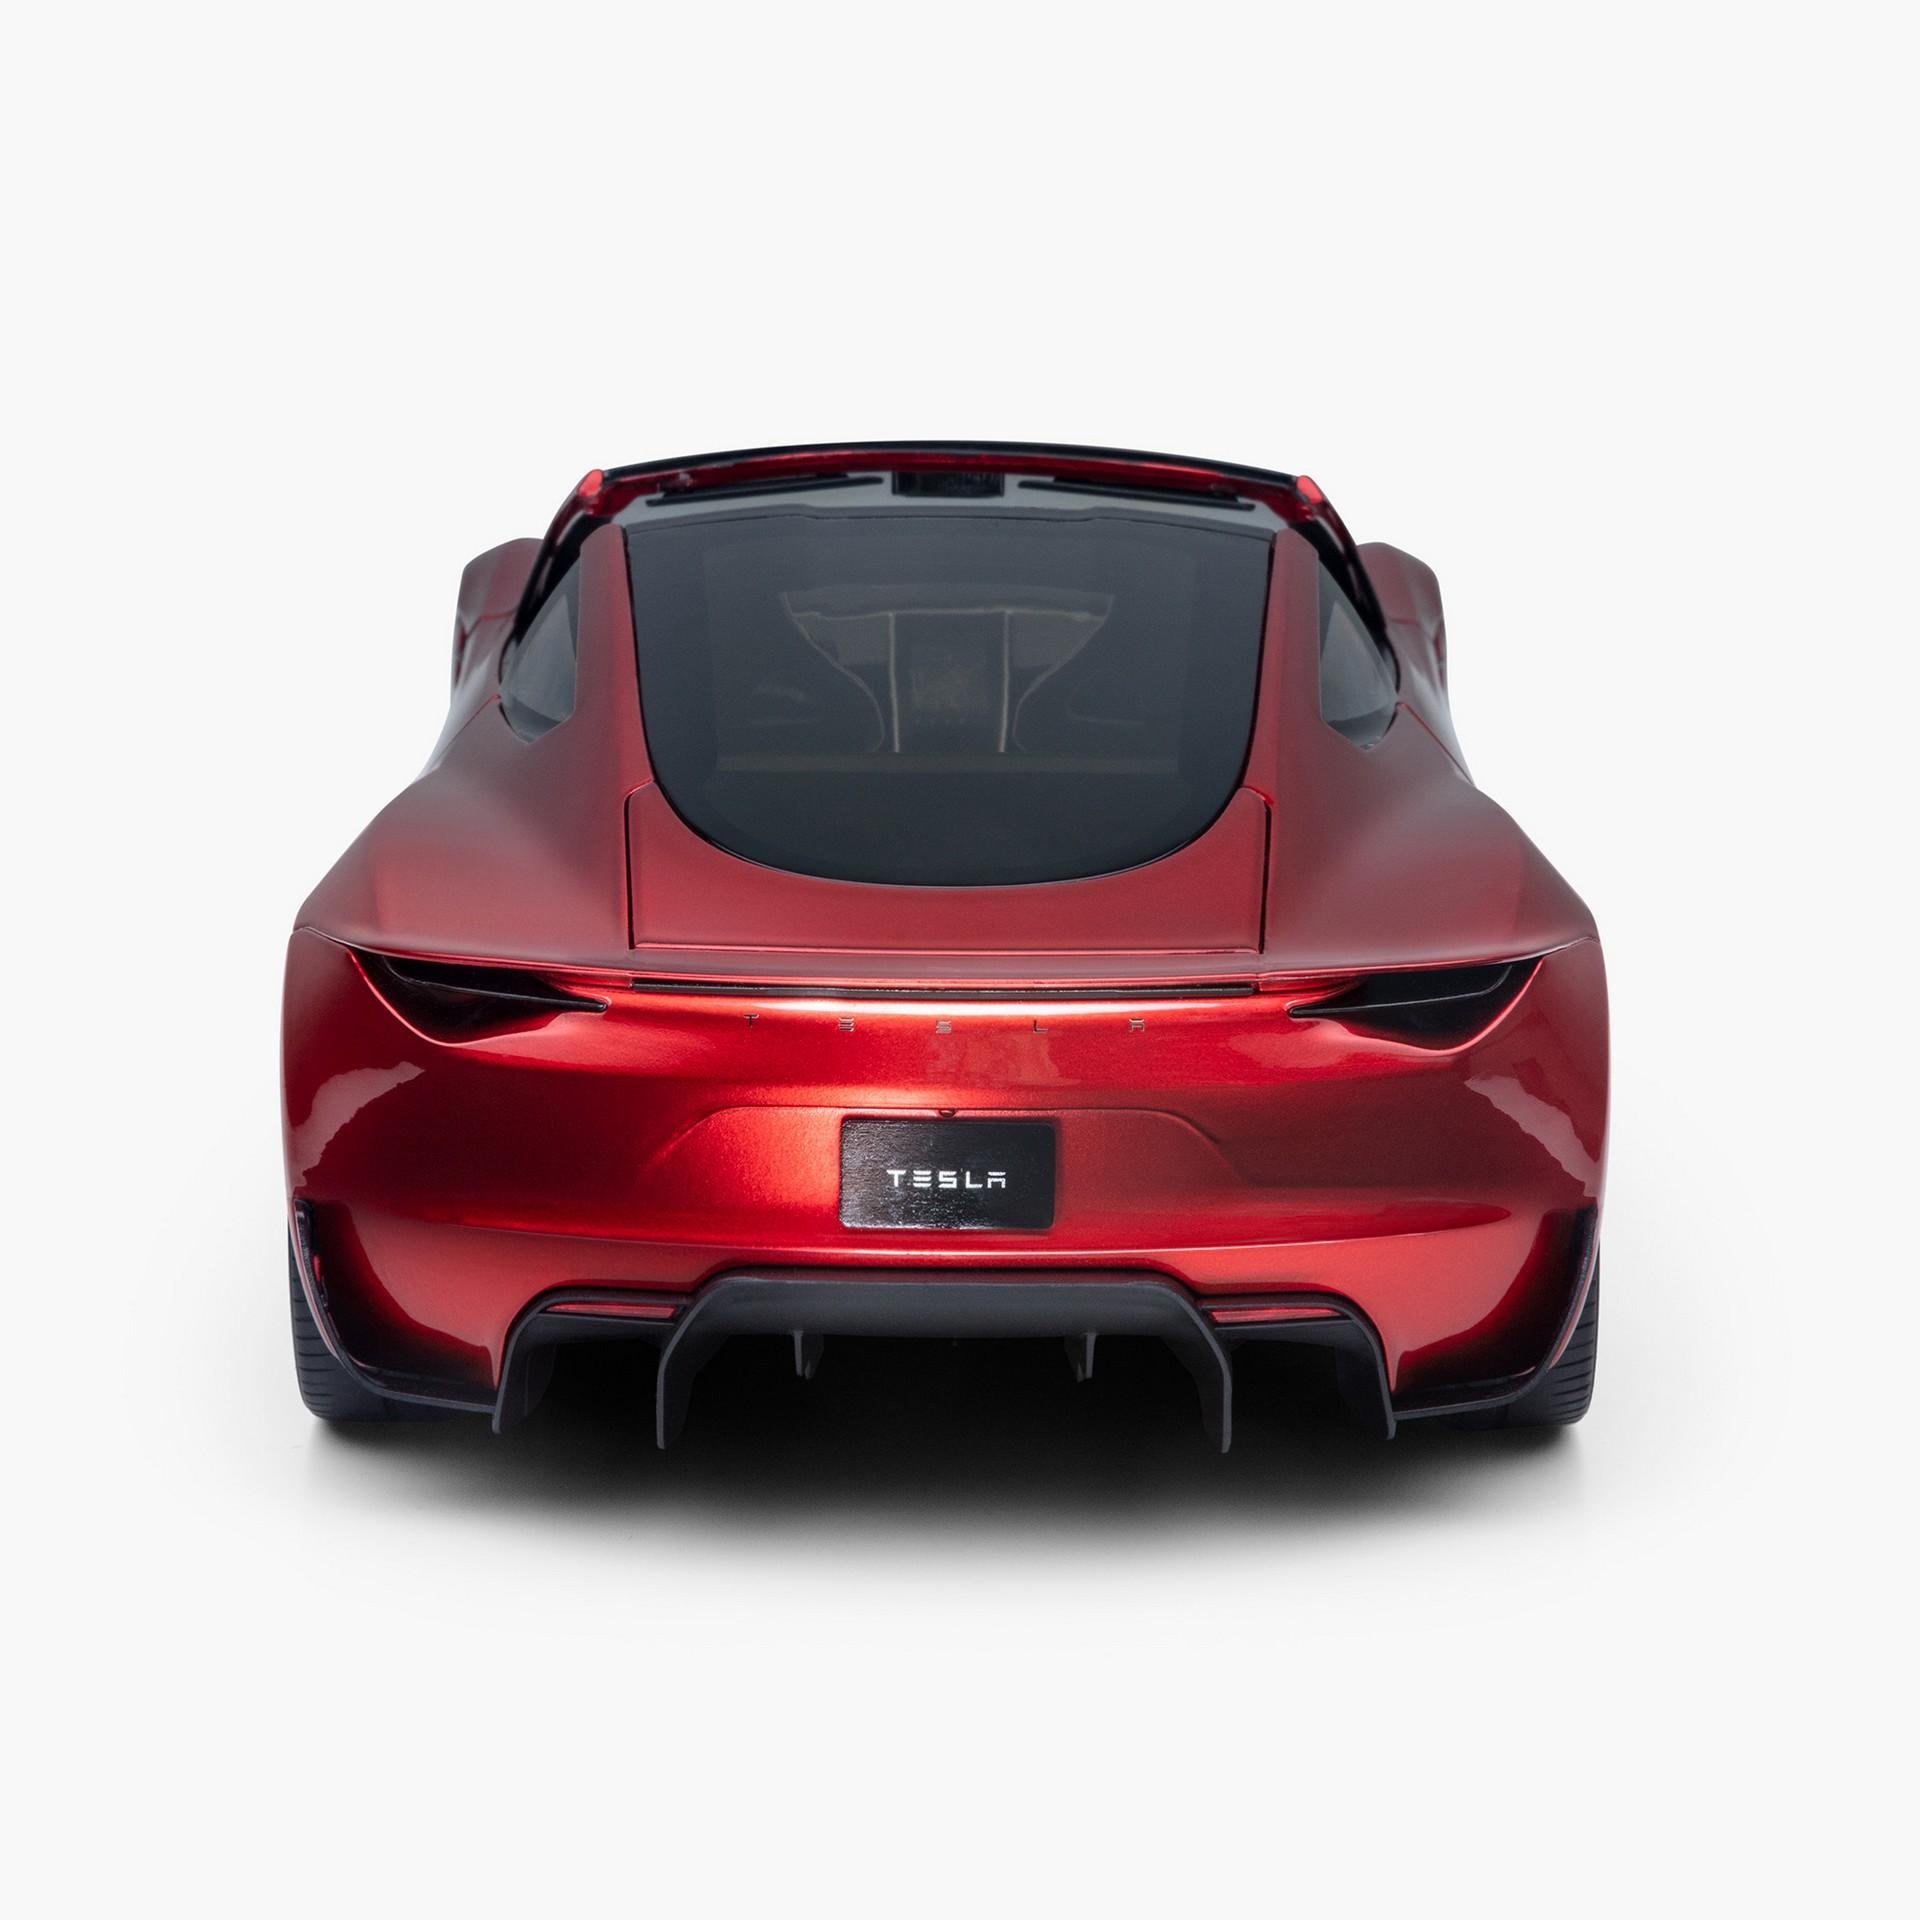 Tesla_Roadster_diecat_0006